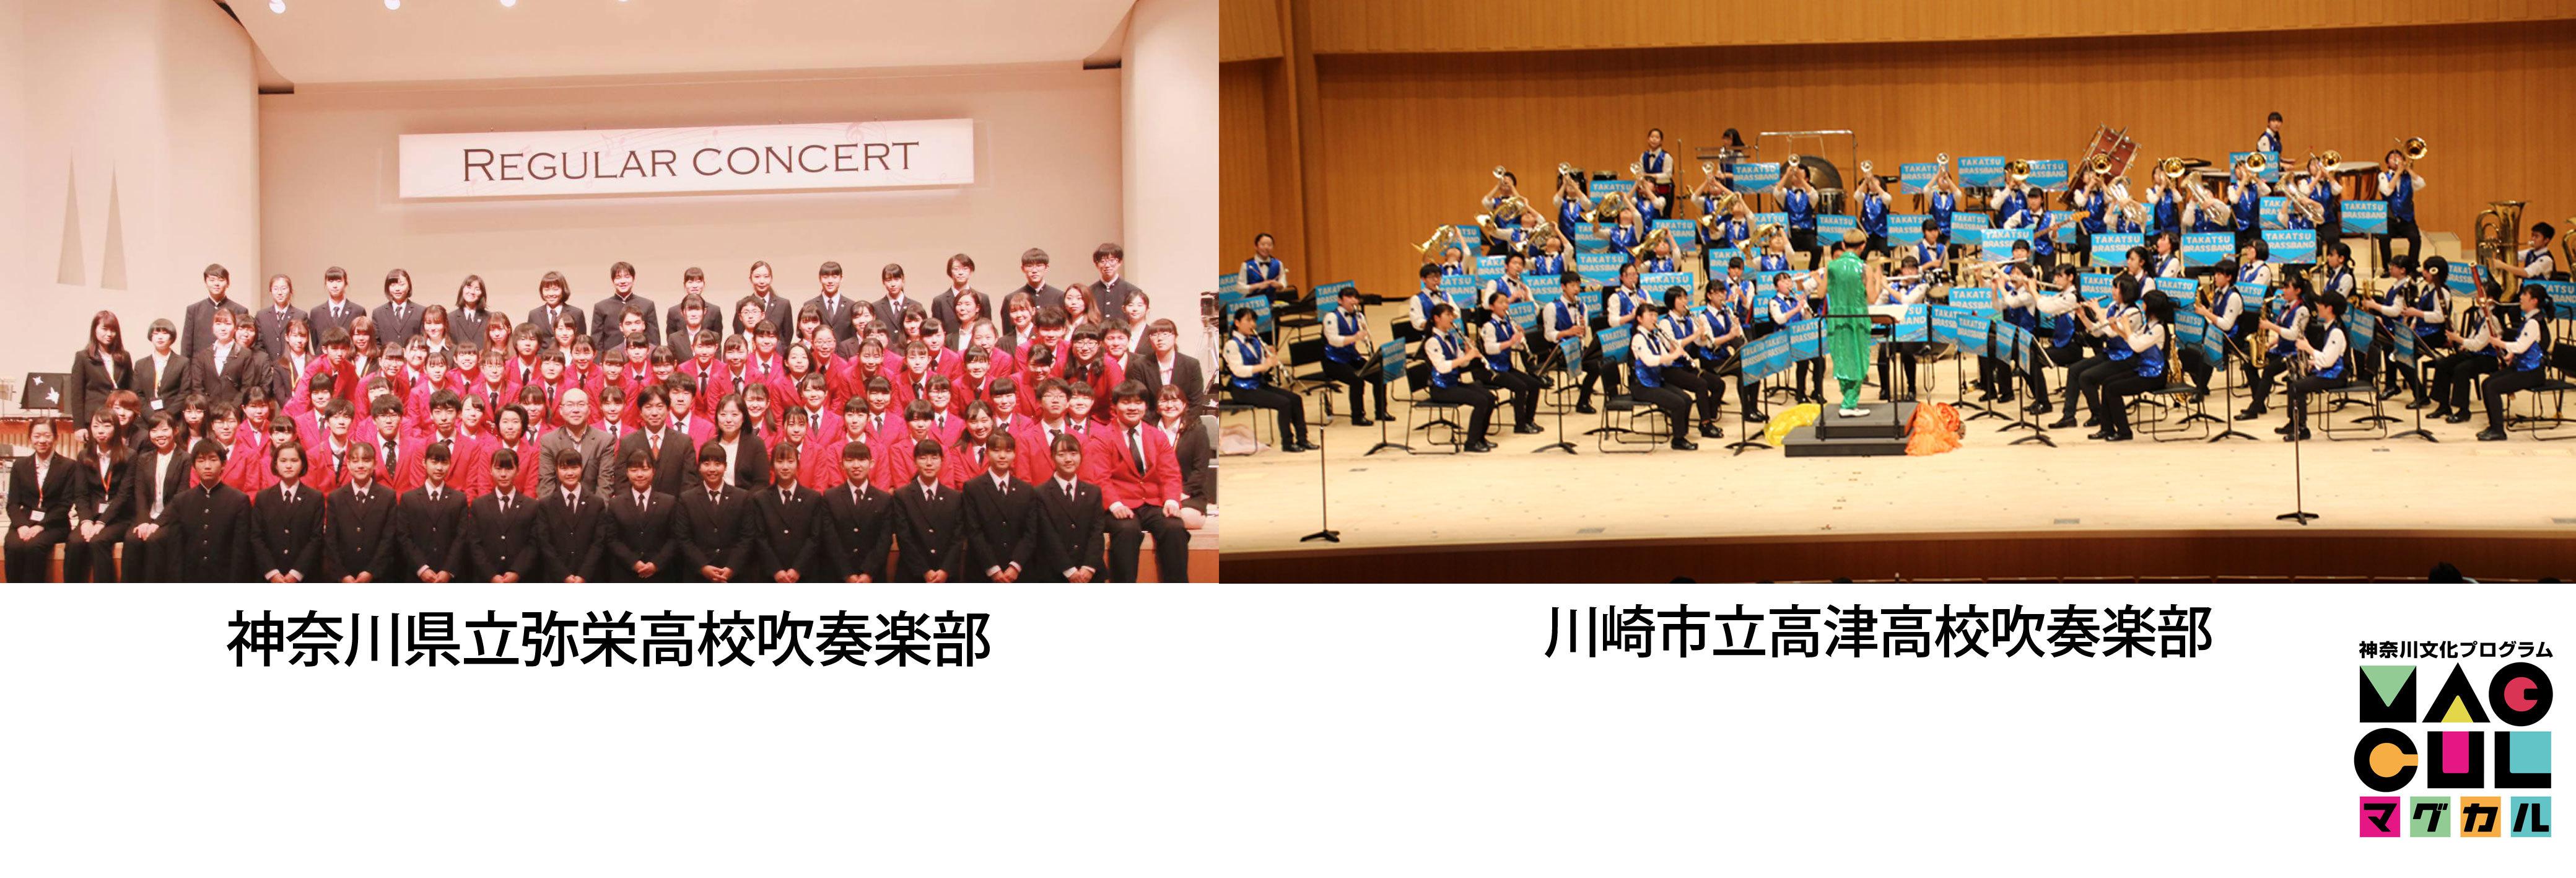 神奈川県立弥栄高校吹奏楽部と川崎市立高津高校吹奏楽部